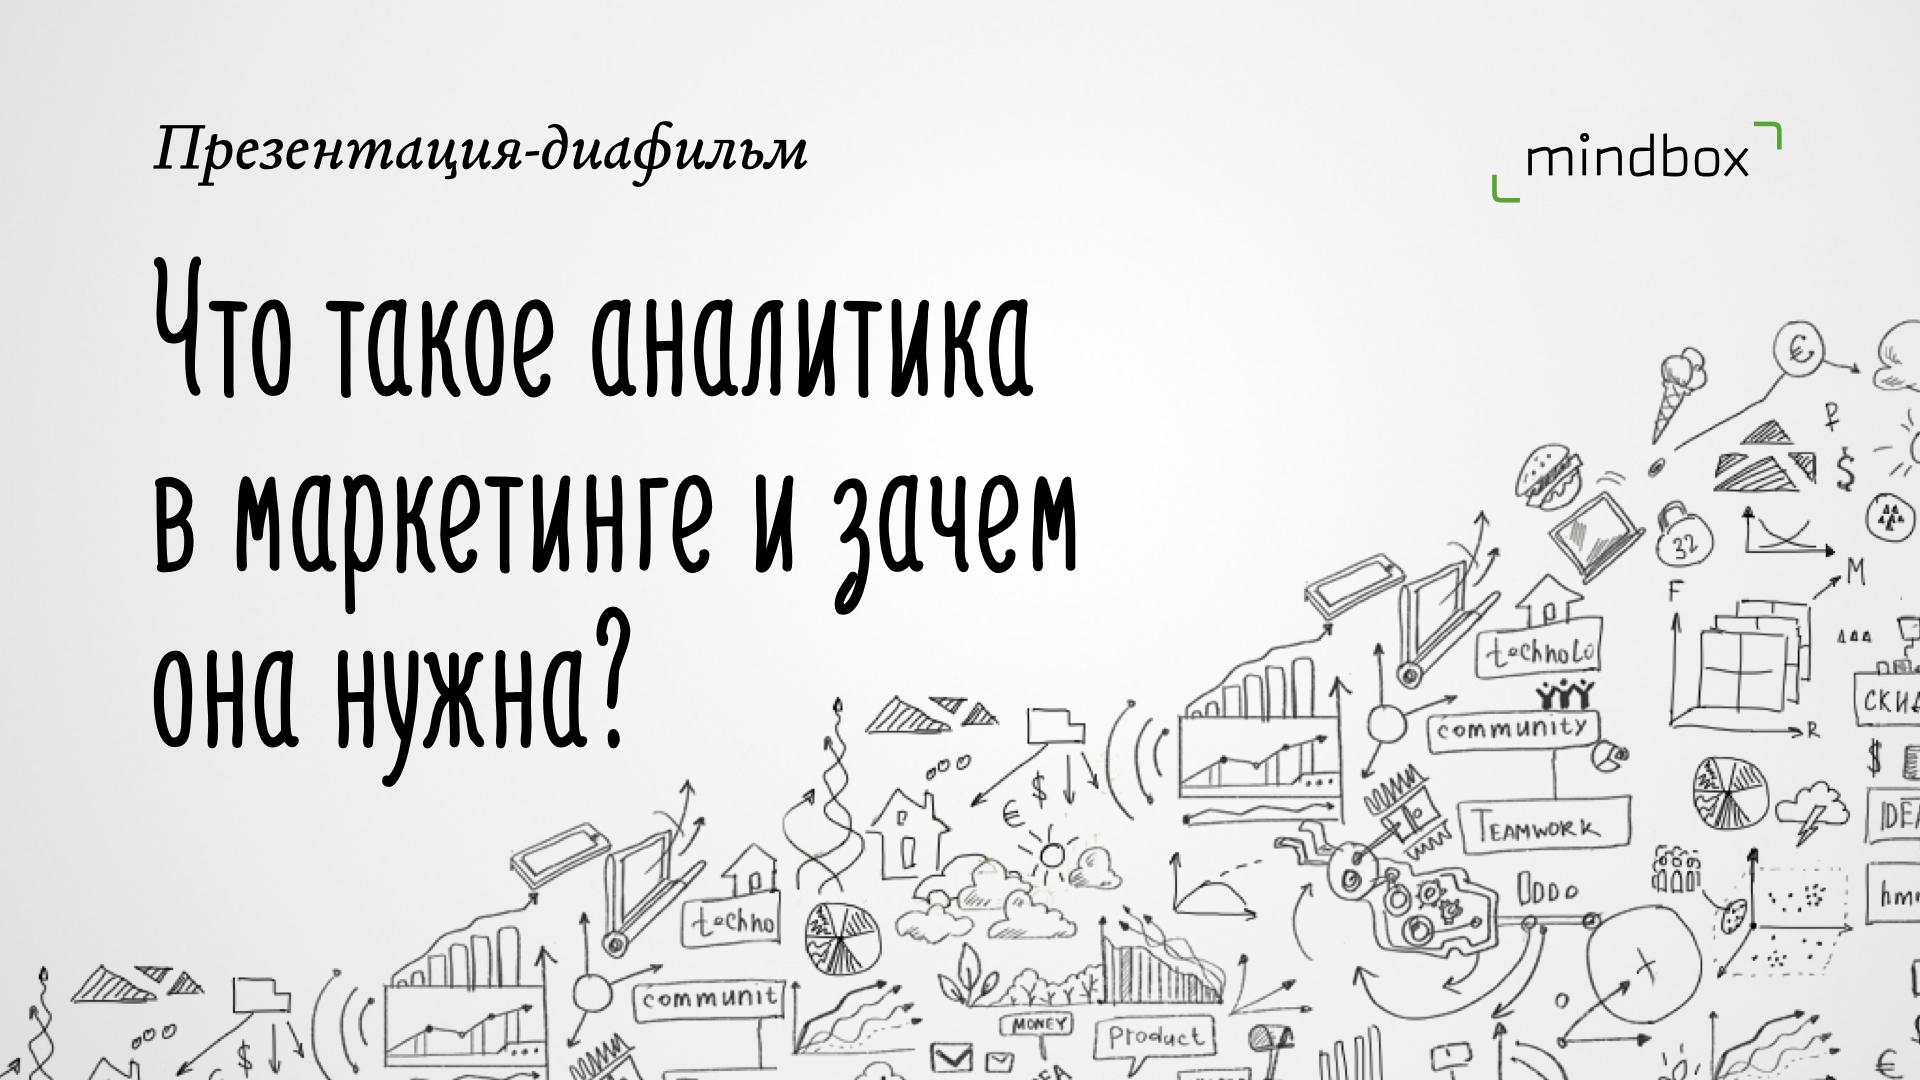 Кейс «Разработка презентации-диафильма «Что такое аналитика?»